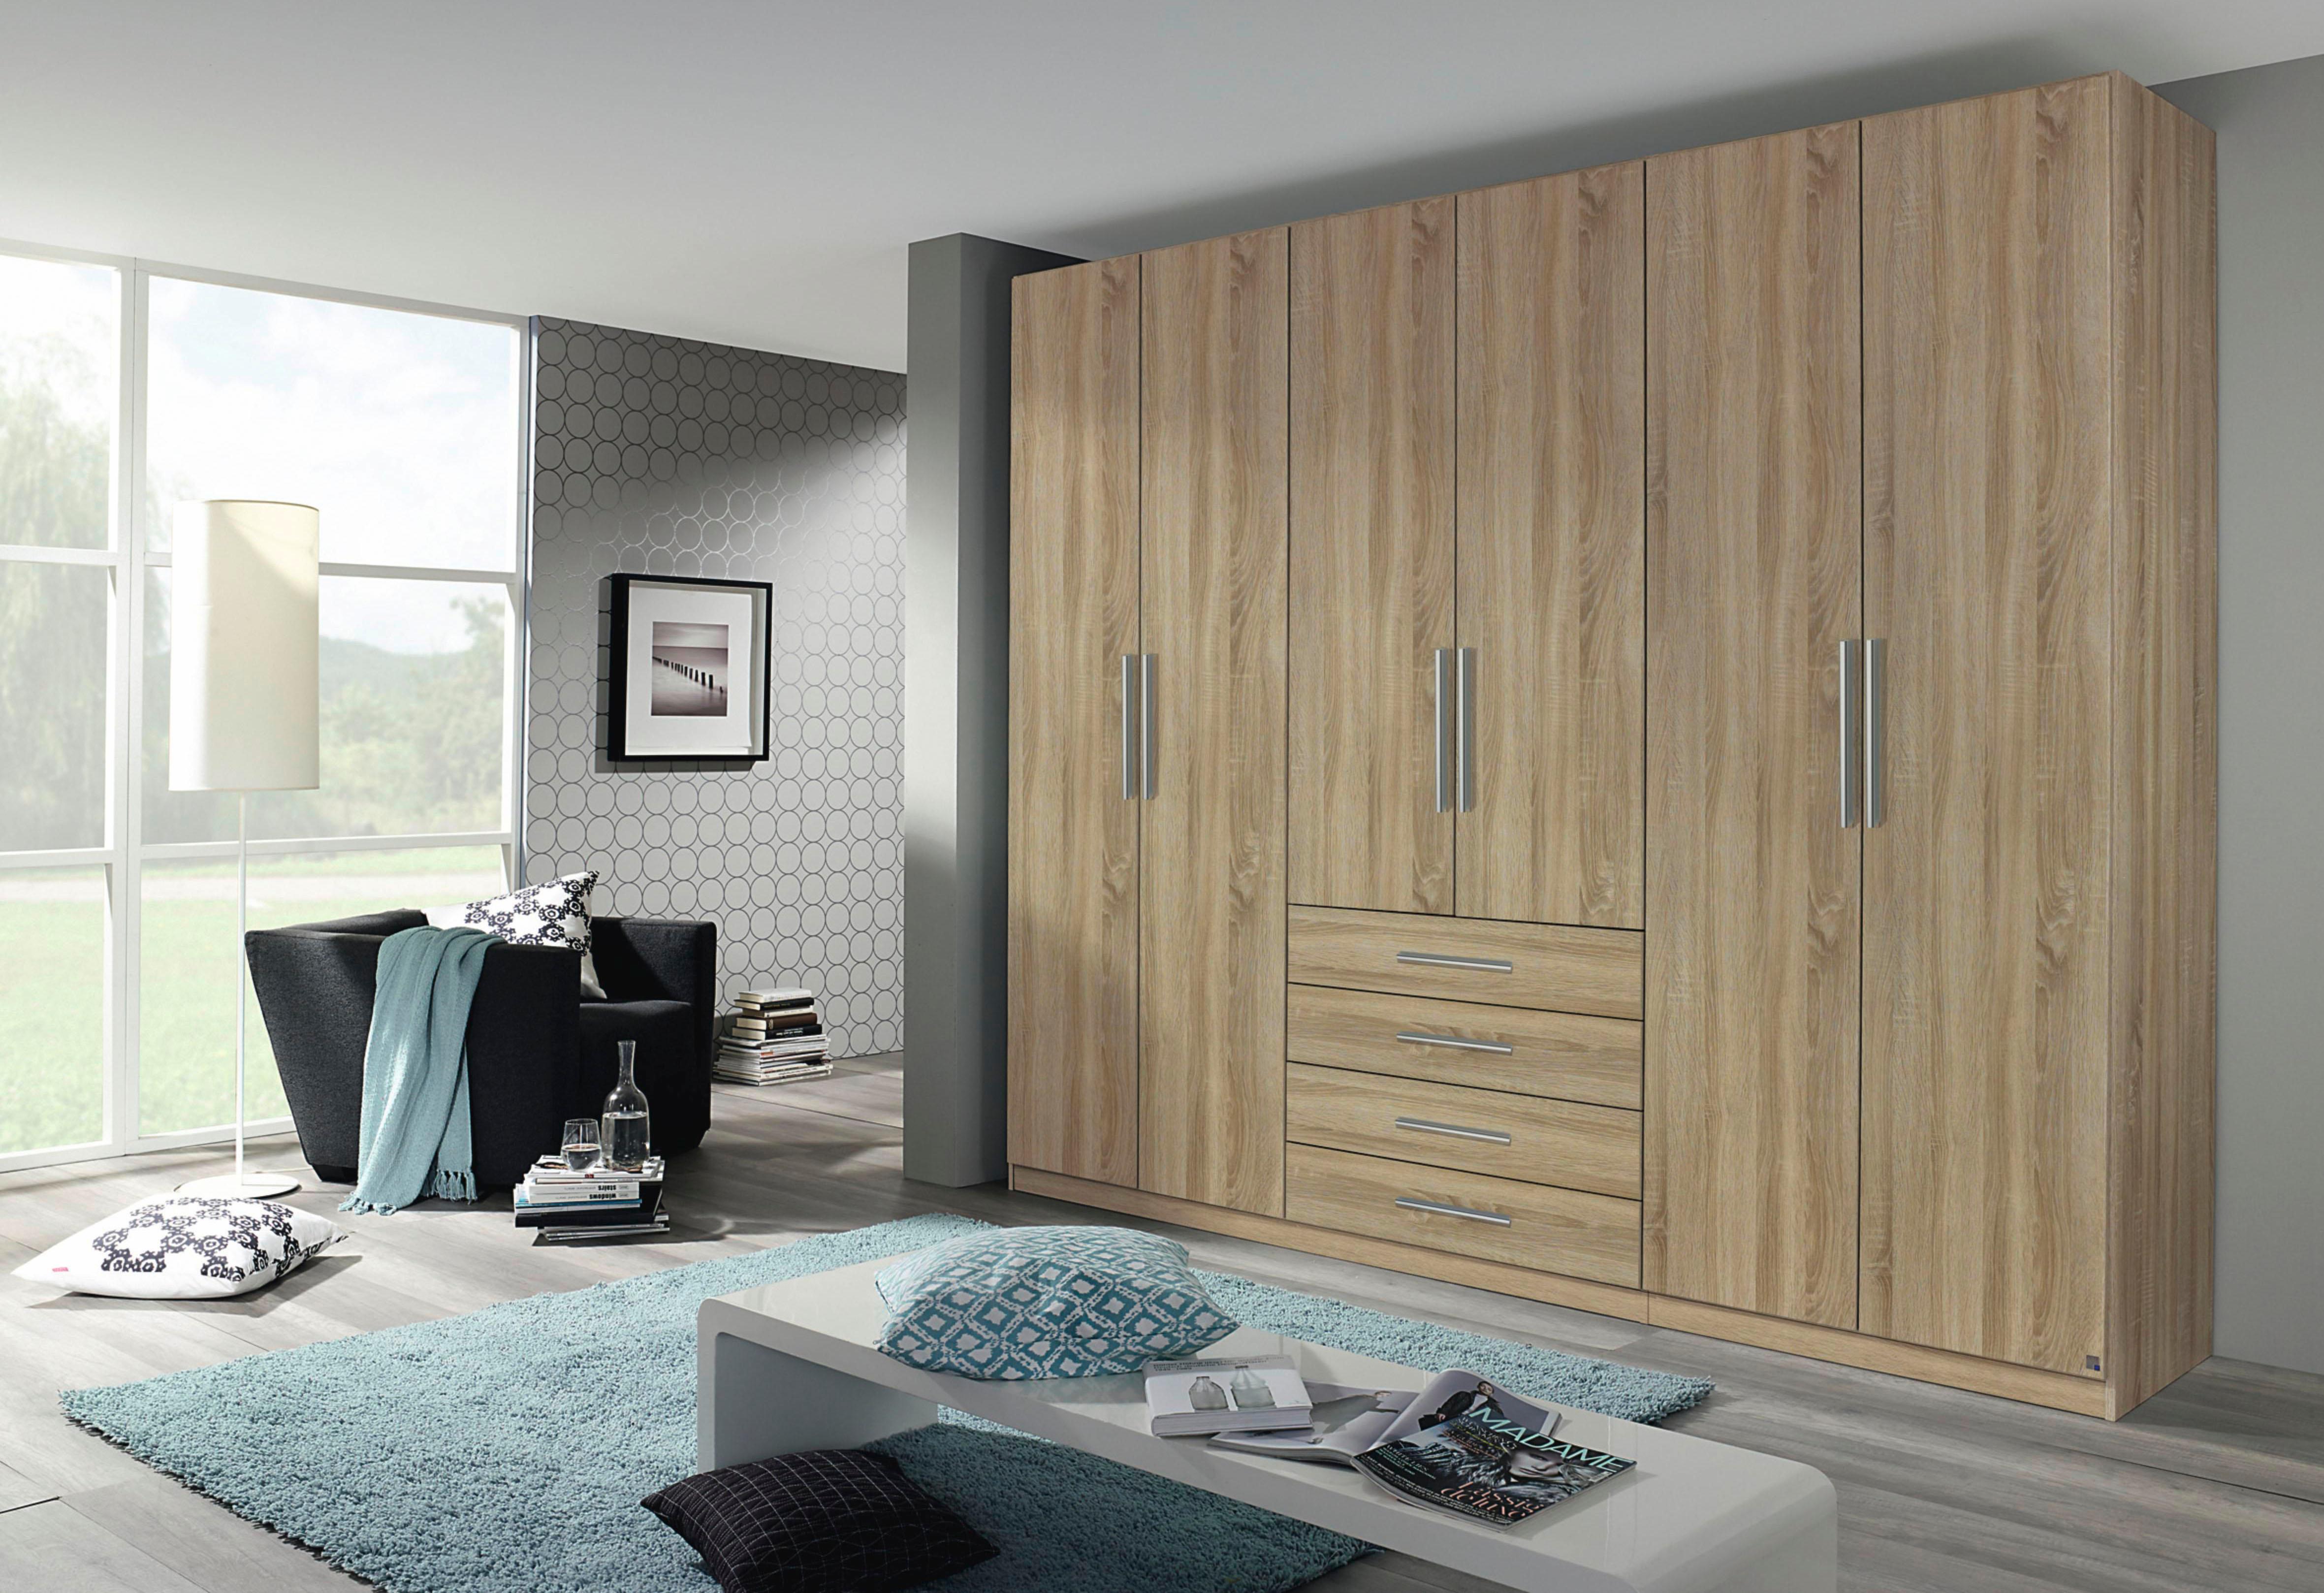 rauch pack s kleiderschrank kempten mit schubk sten auf. Black Bedroom Furniture Sets. Home Design Ideas